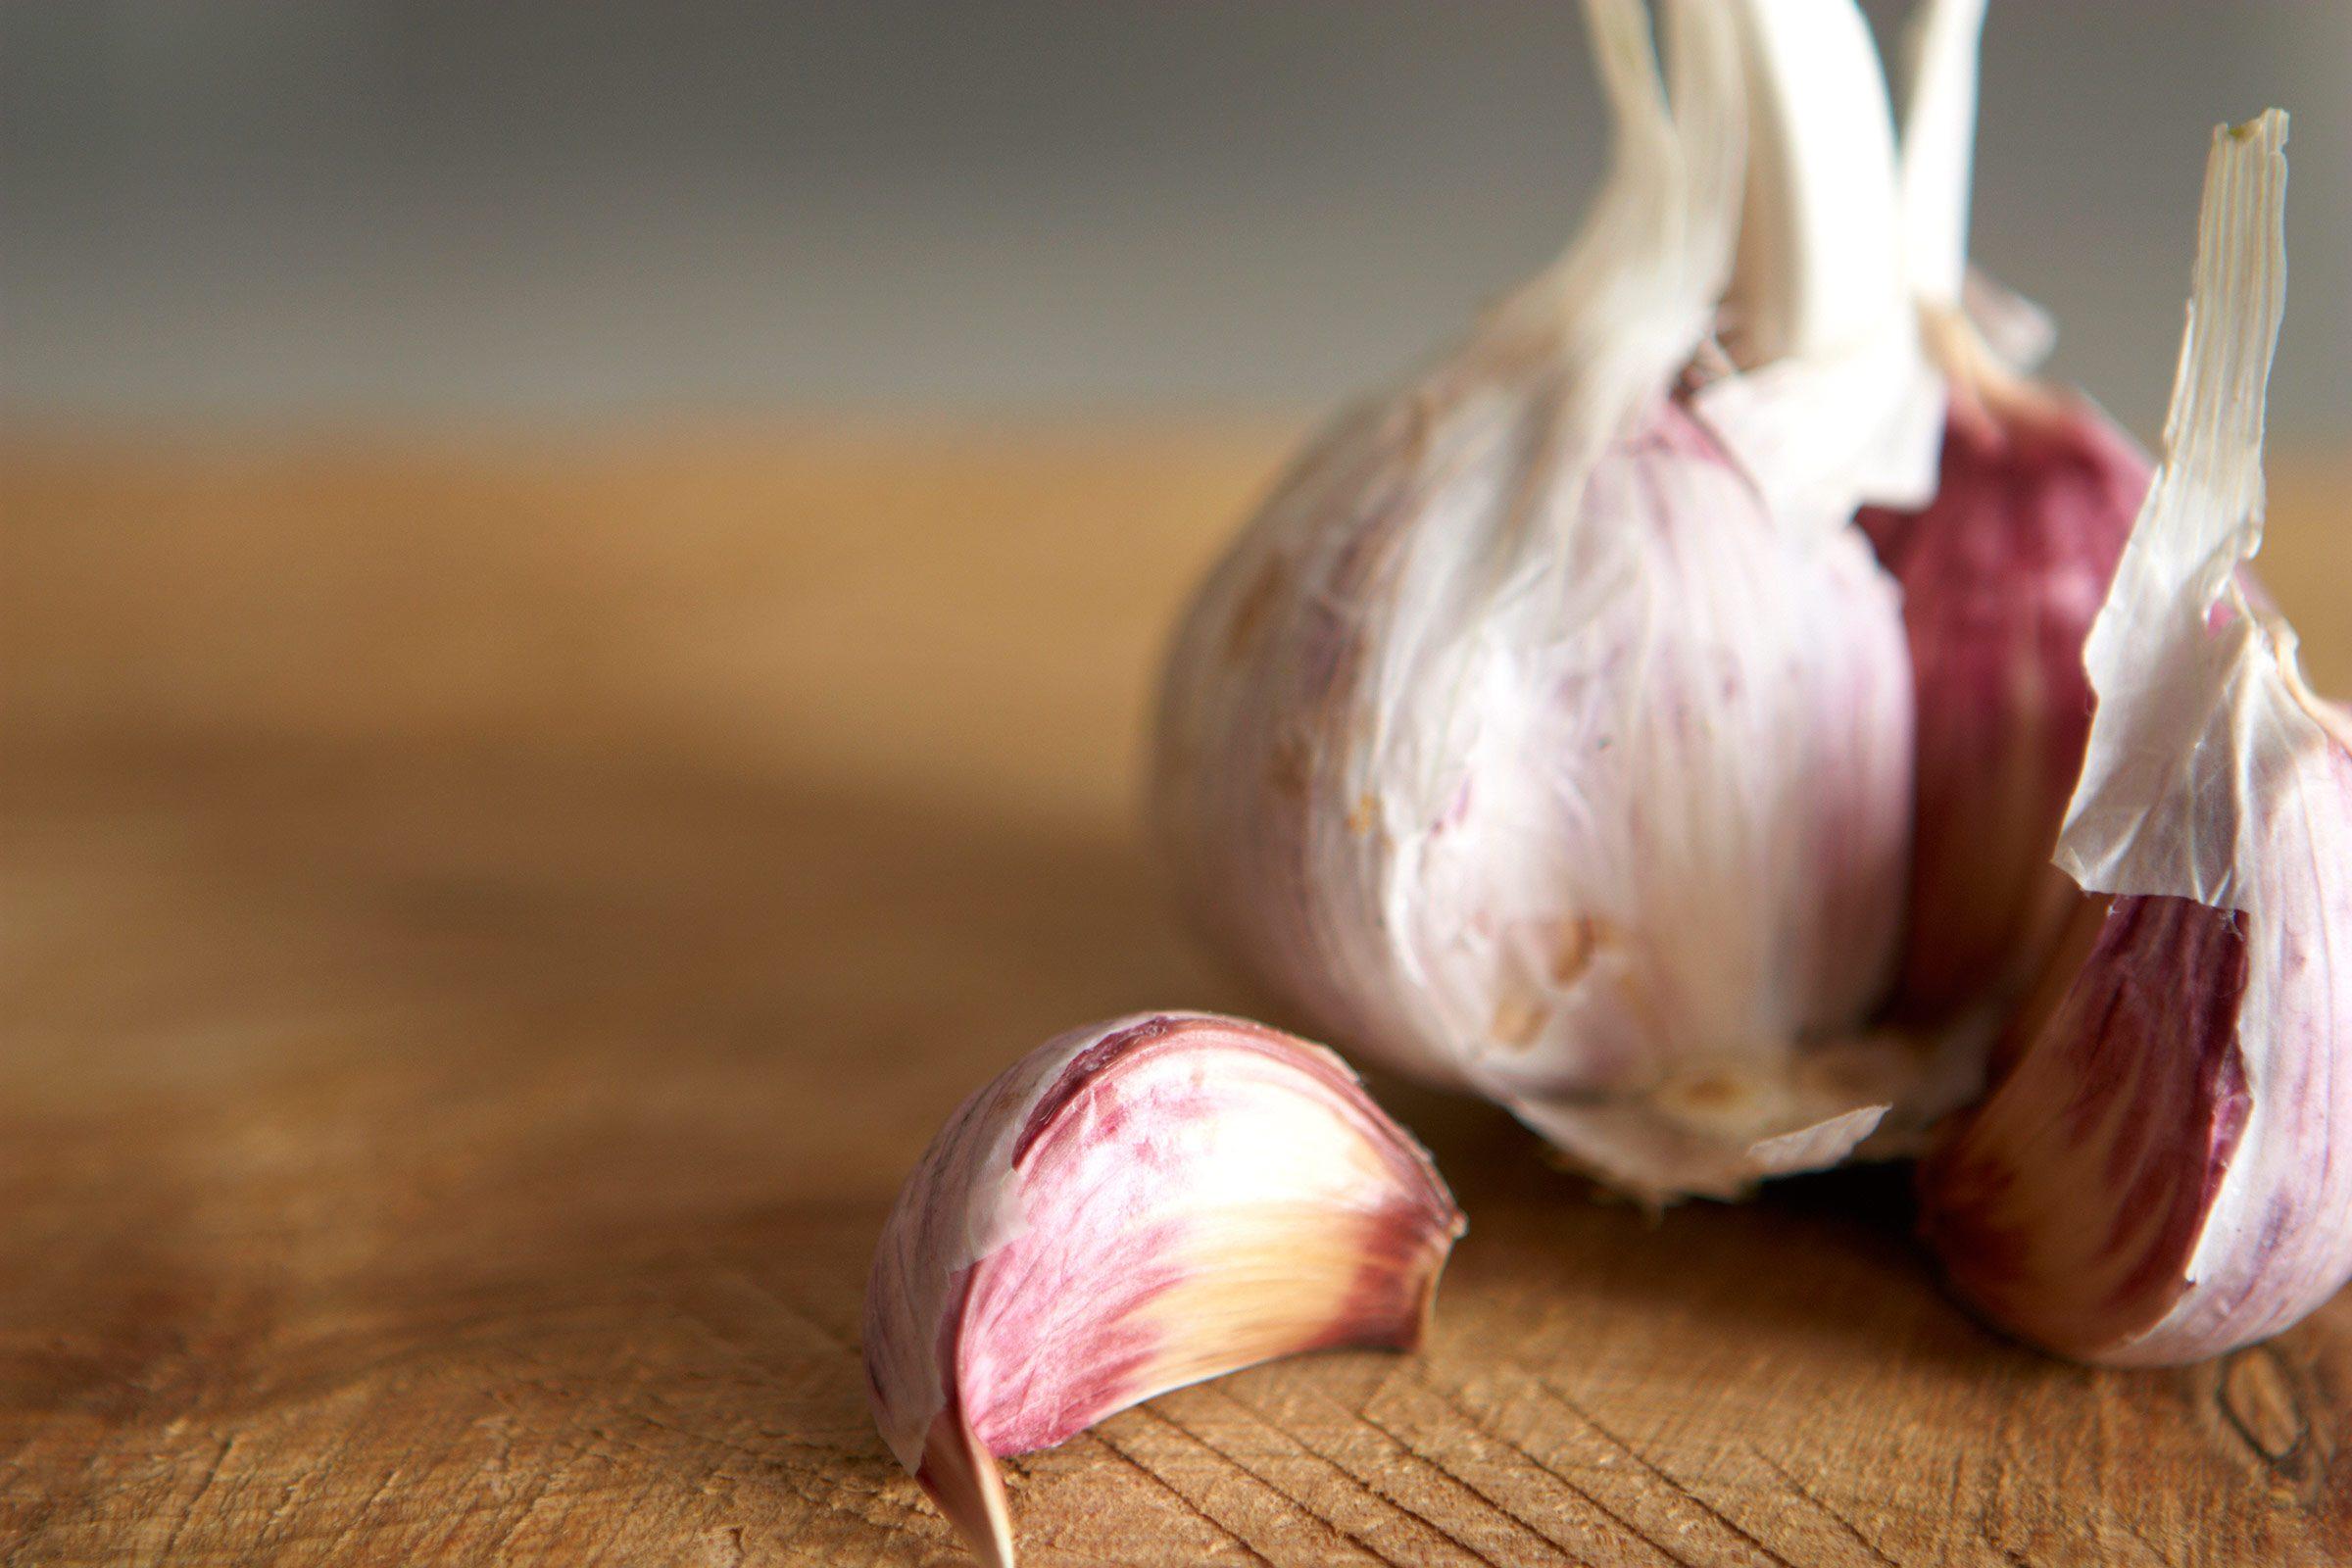 5. Fresh or powdered garlic?